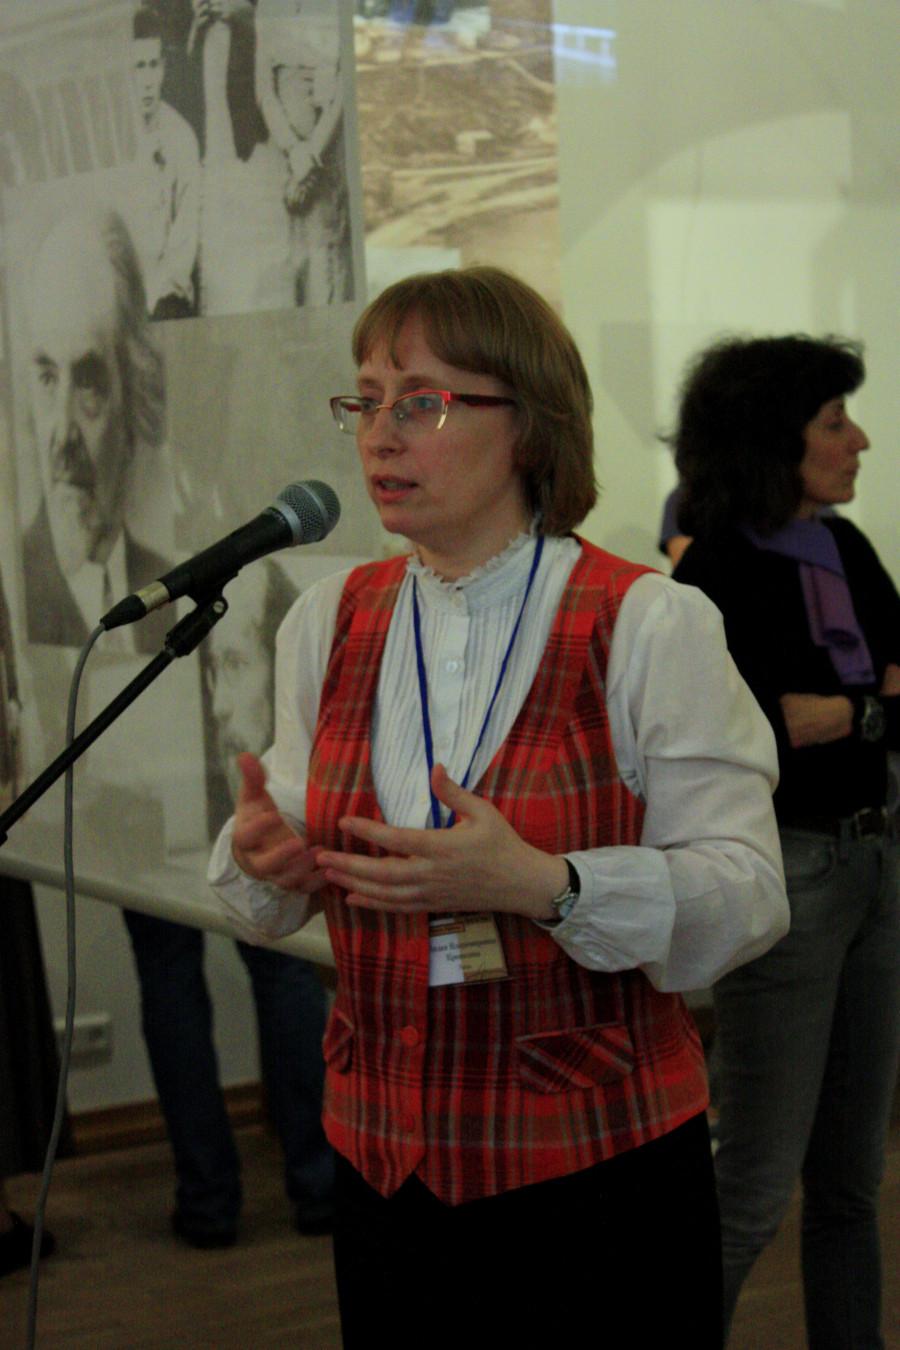 Лидия Крошкина, соавтор концепции выставки, проводит экскурсию по экспозиции